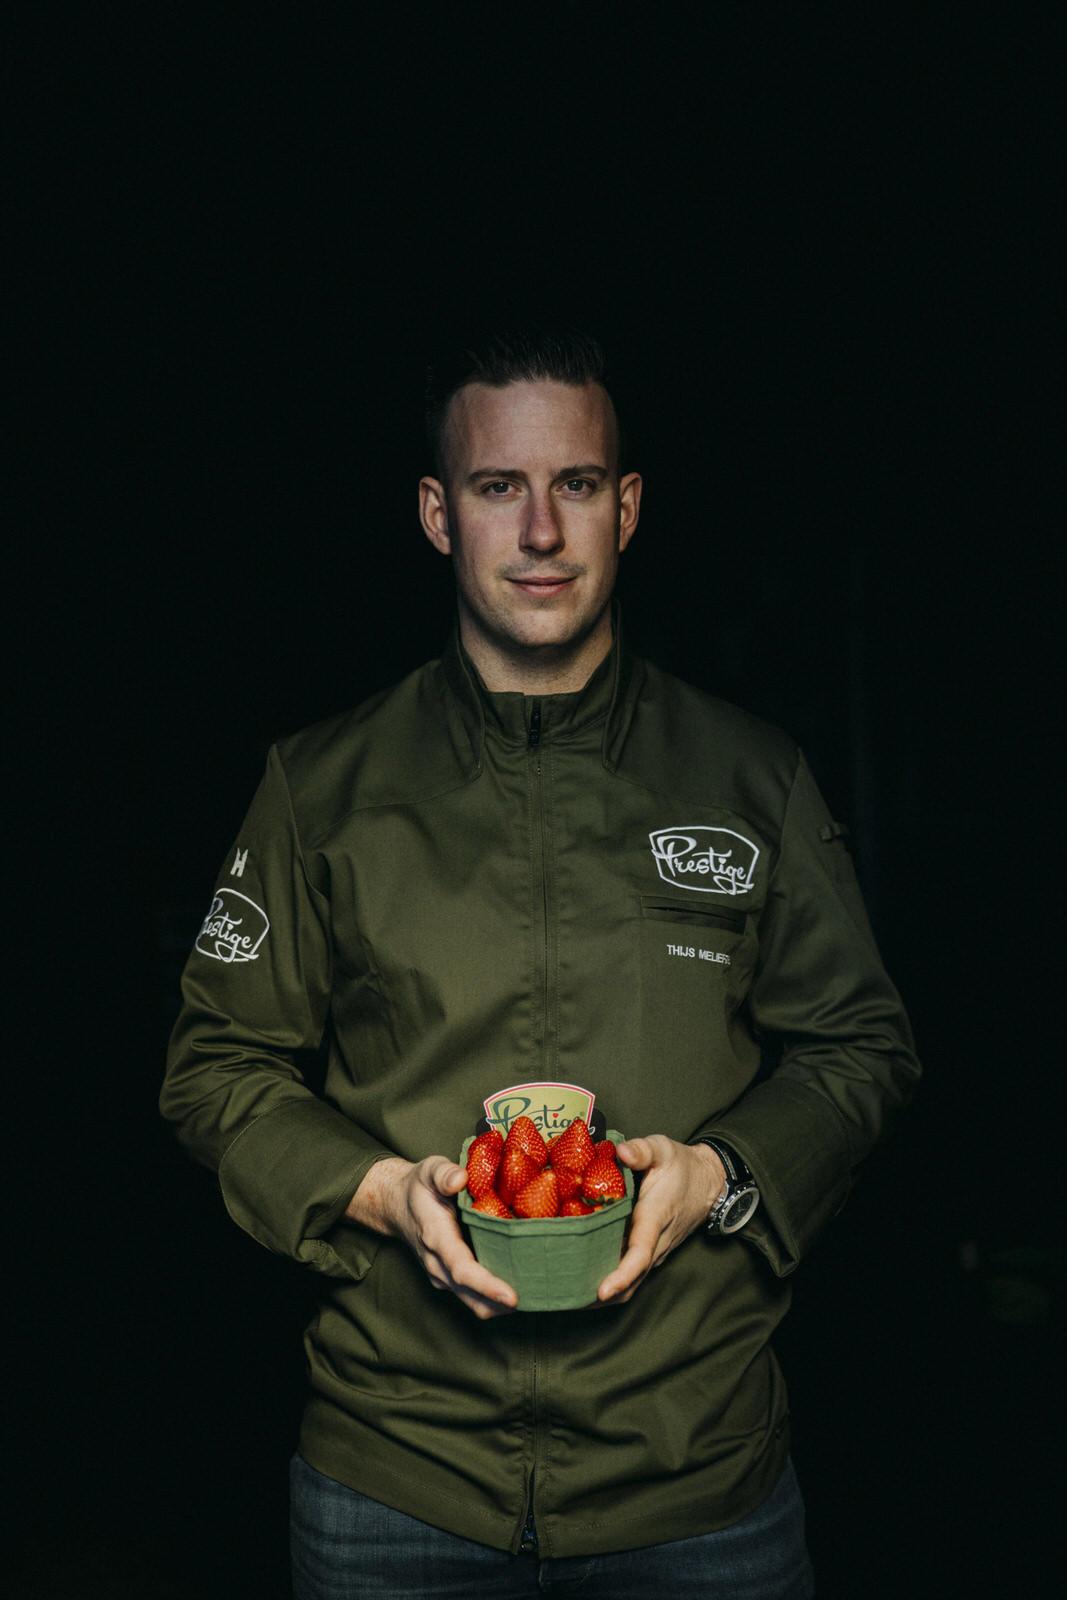 Thijs Meliefste met Prestige aardbeien